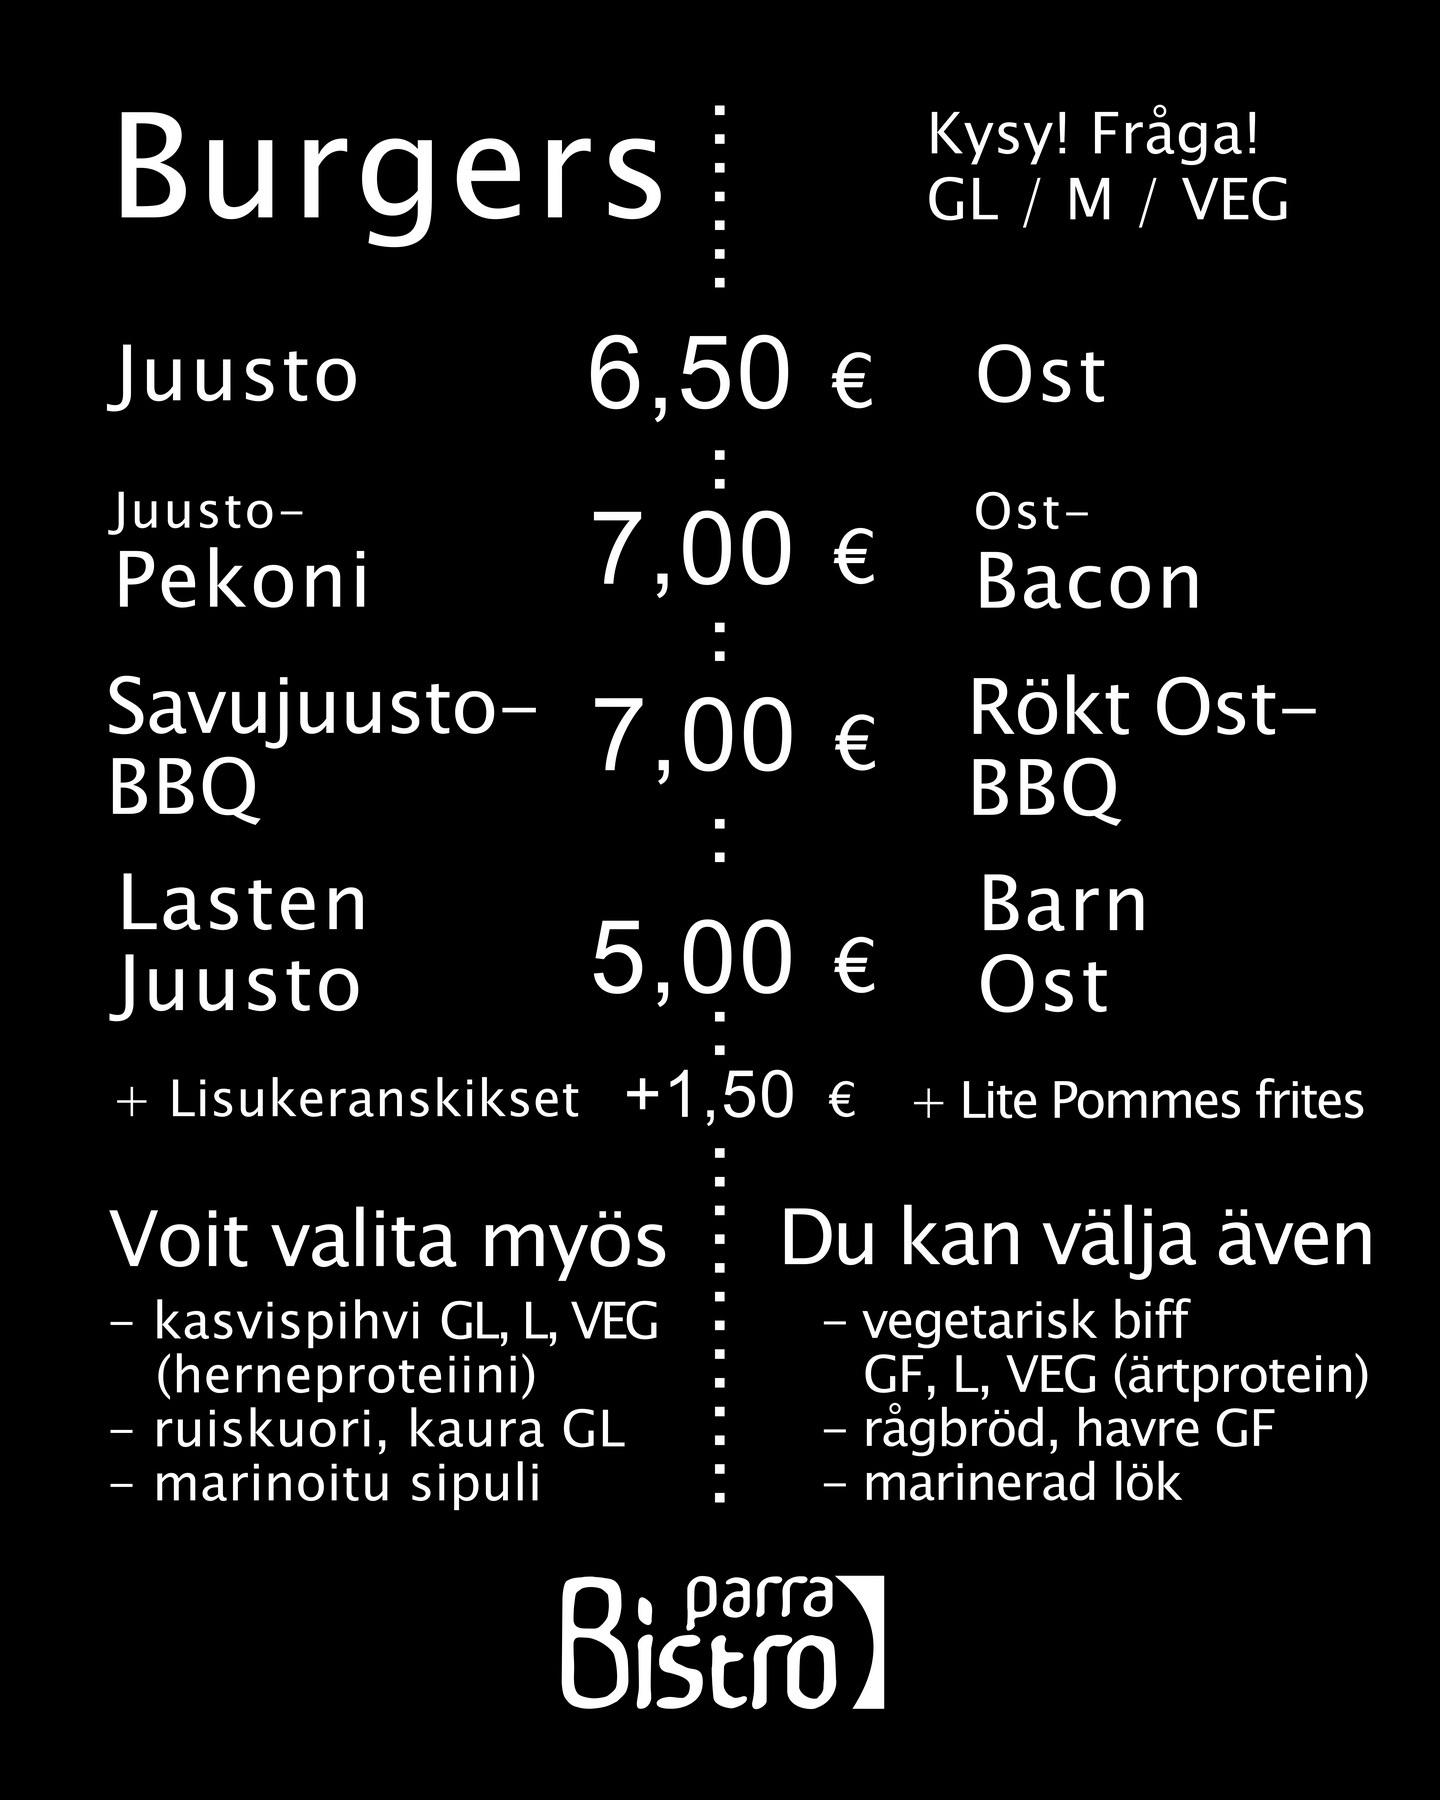 2020_Parra_Bistro_burgers1_1440